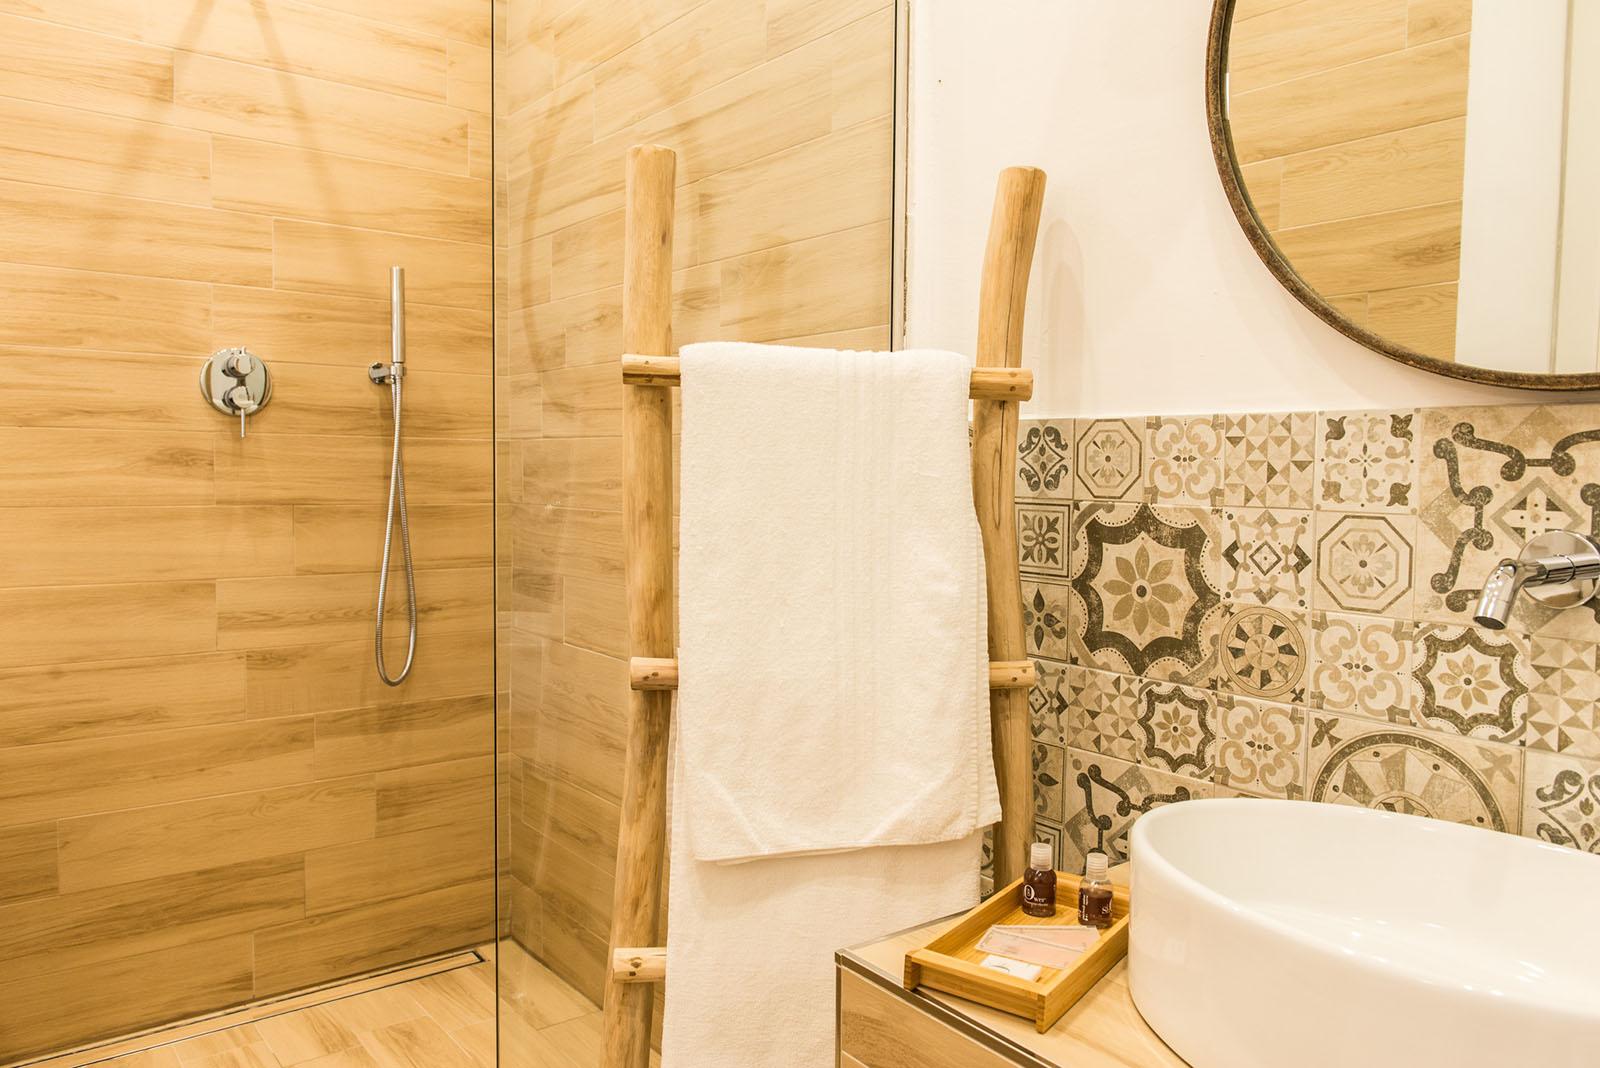 bed and breakfast agropoli progettazione architettonica domotica salerno break for two mare sea room 7 b&b